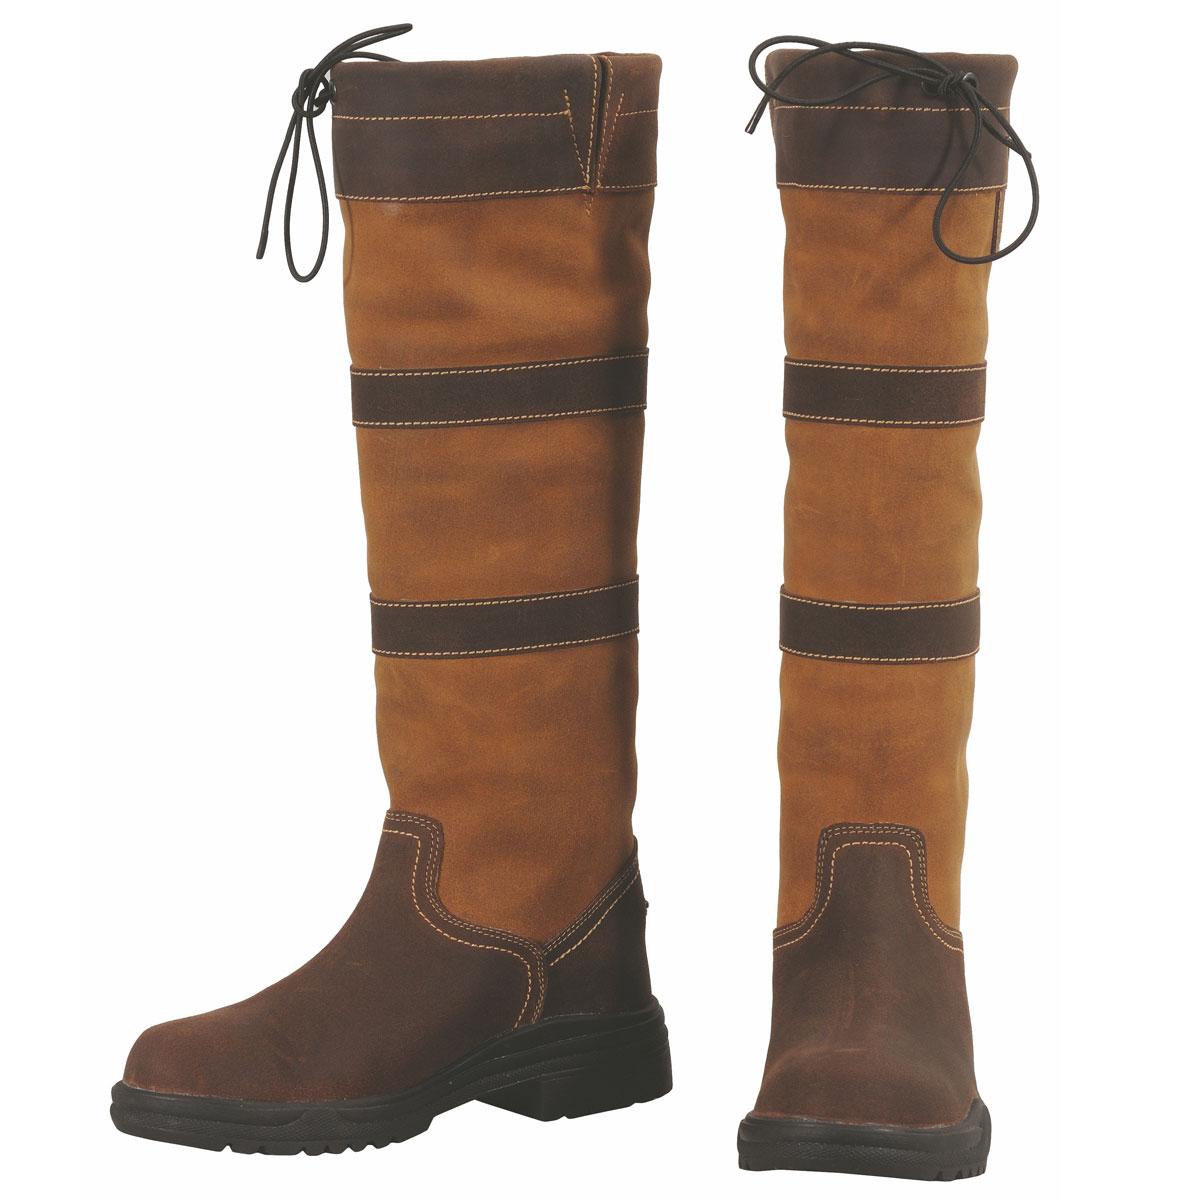 TuffRider Children's Lexington Waterproof Tall Boots